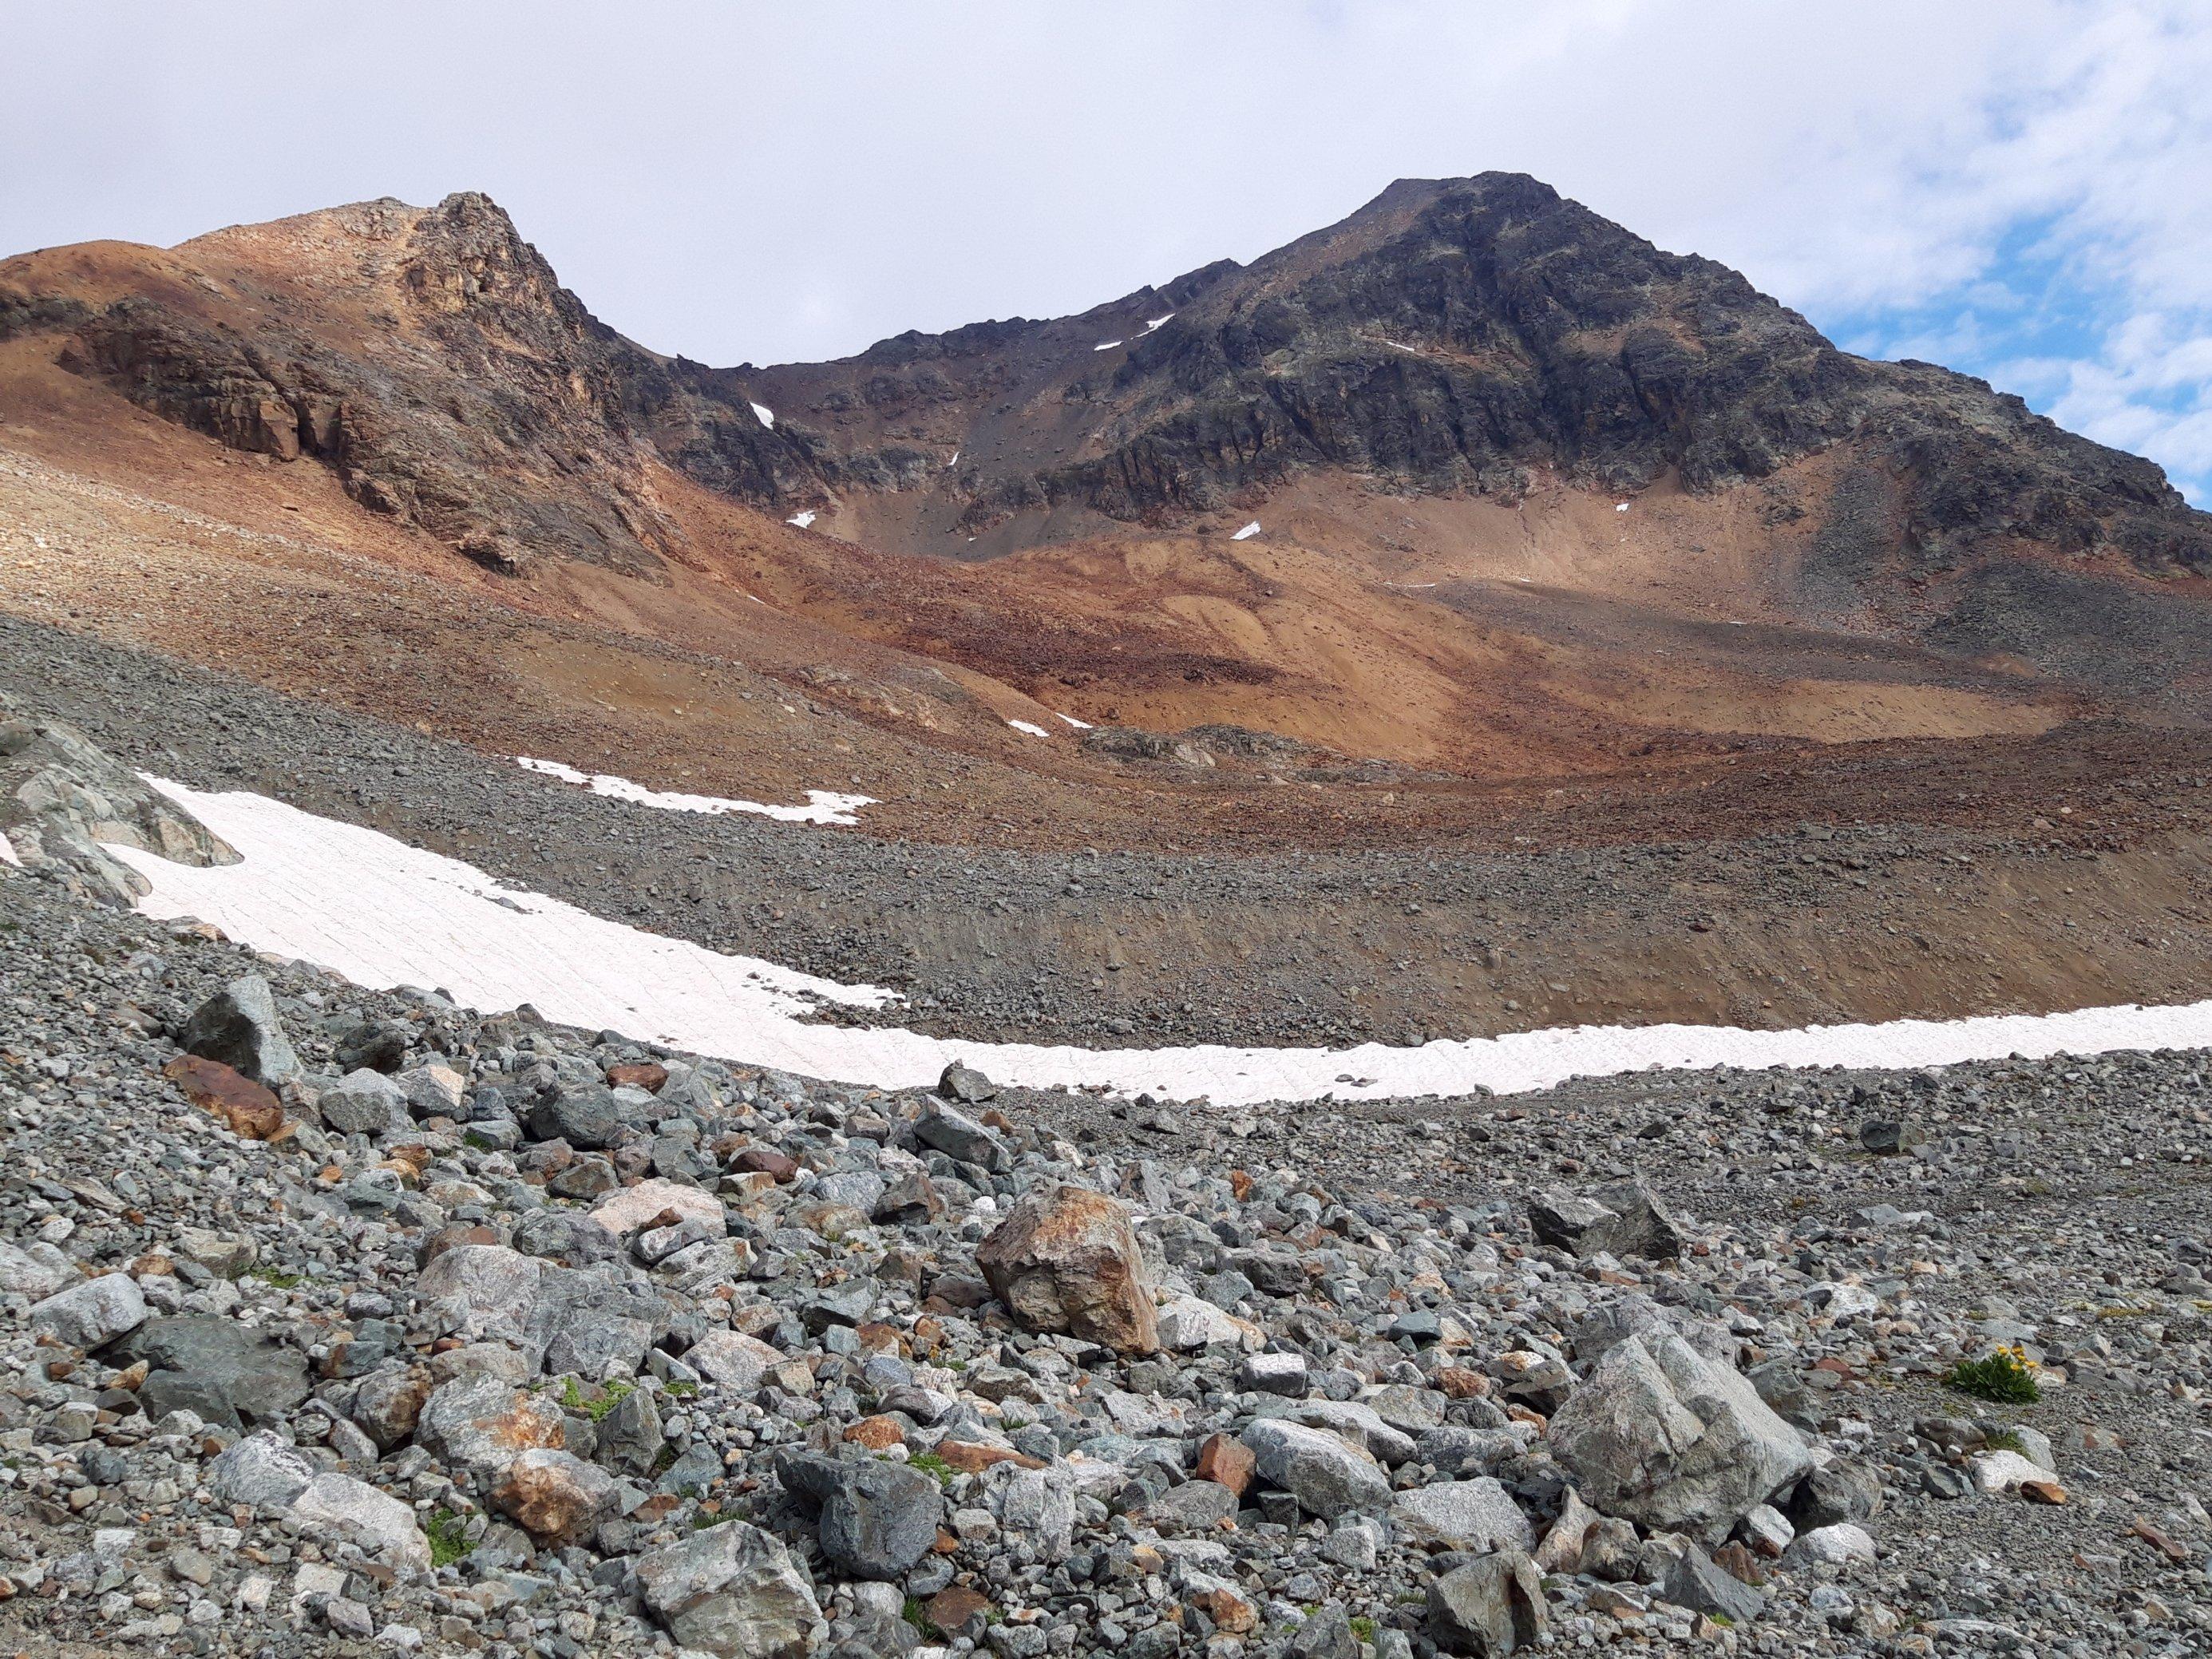 Wenige Schneereste und viel loses, braunes, rotes und ockerfarbenes Geröll an einem Berghang.